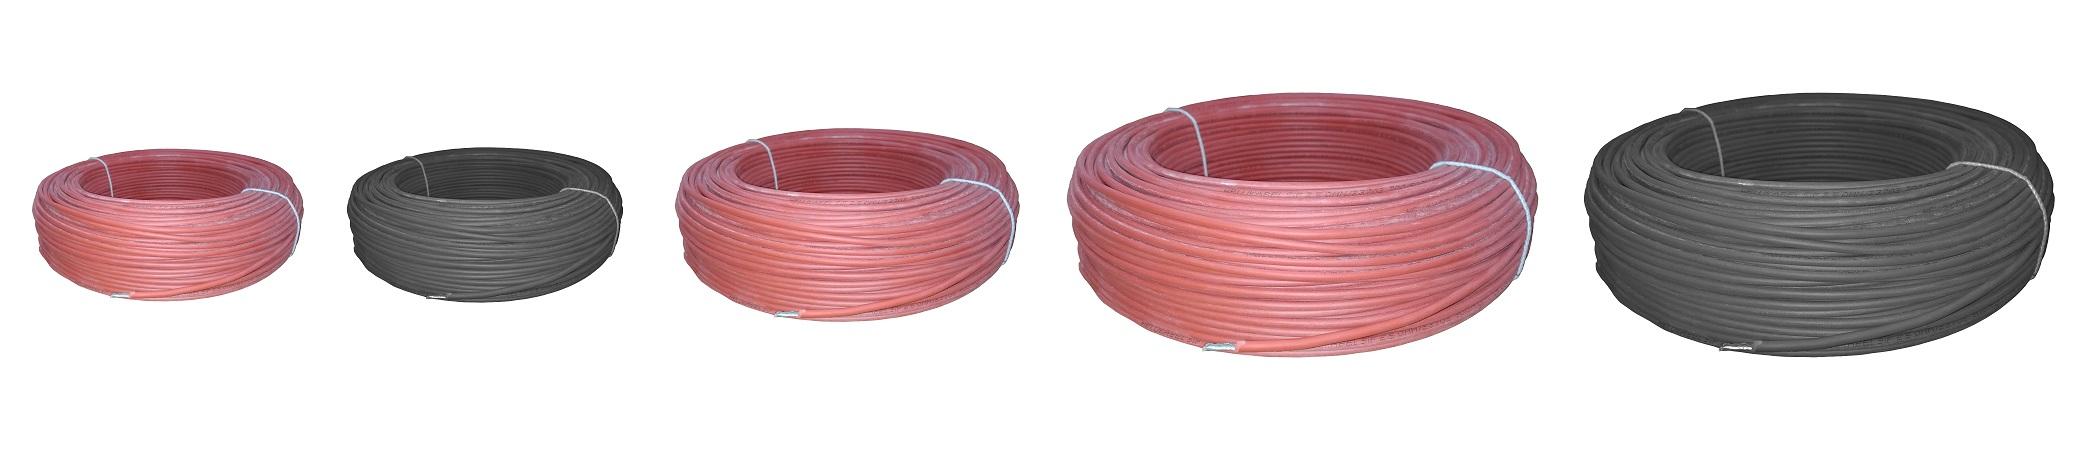 Przewody LGS, przewód w silikonie, przewód o żyle miedzianej wielodrutowej